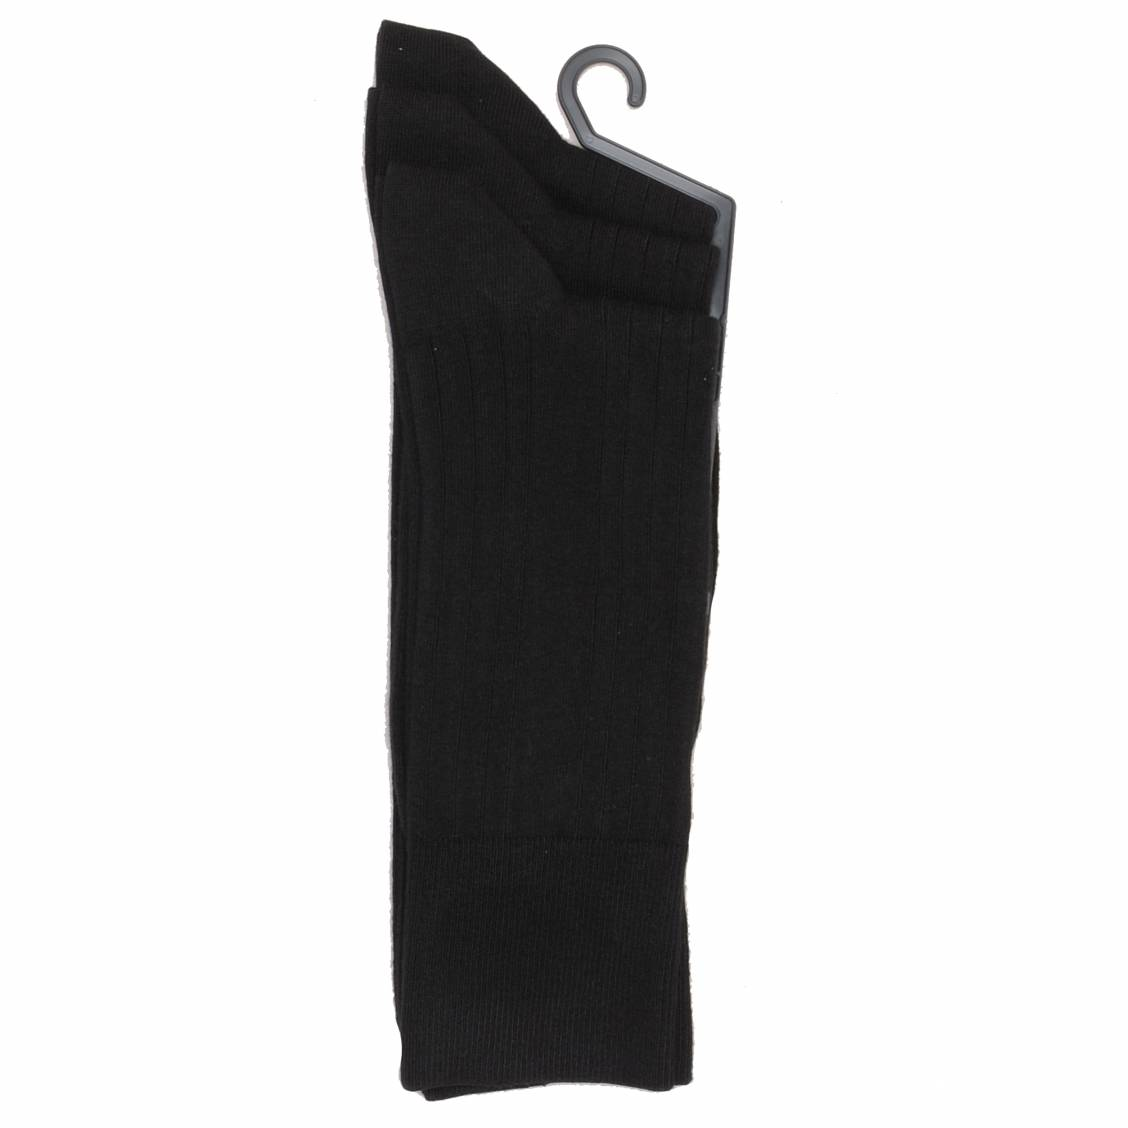 Lot de 3 paires de chaussettes noires Hom en coton texturé antibactérien